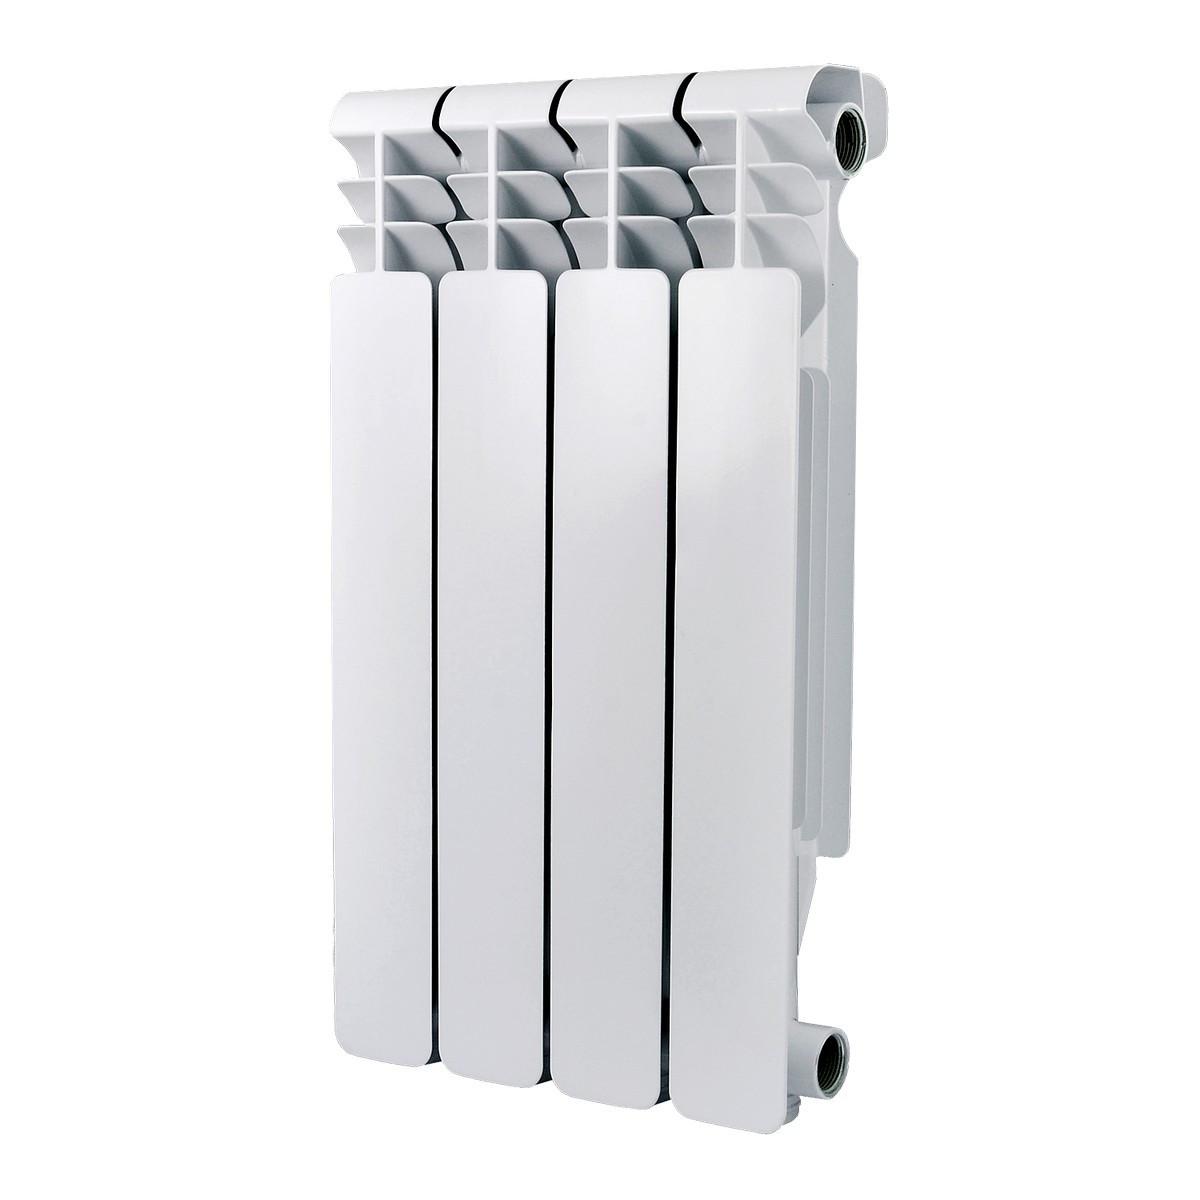 Радиатор алюминий Classic 200 5 секций 0,640кВт Ogint 117-5996